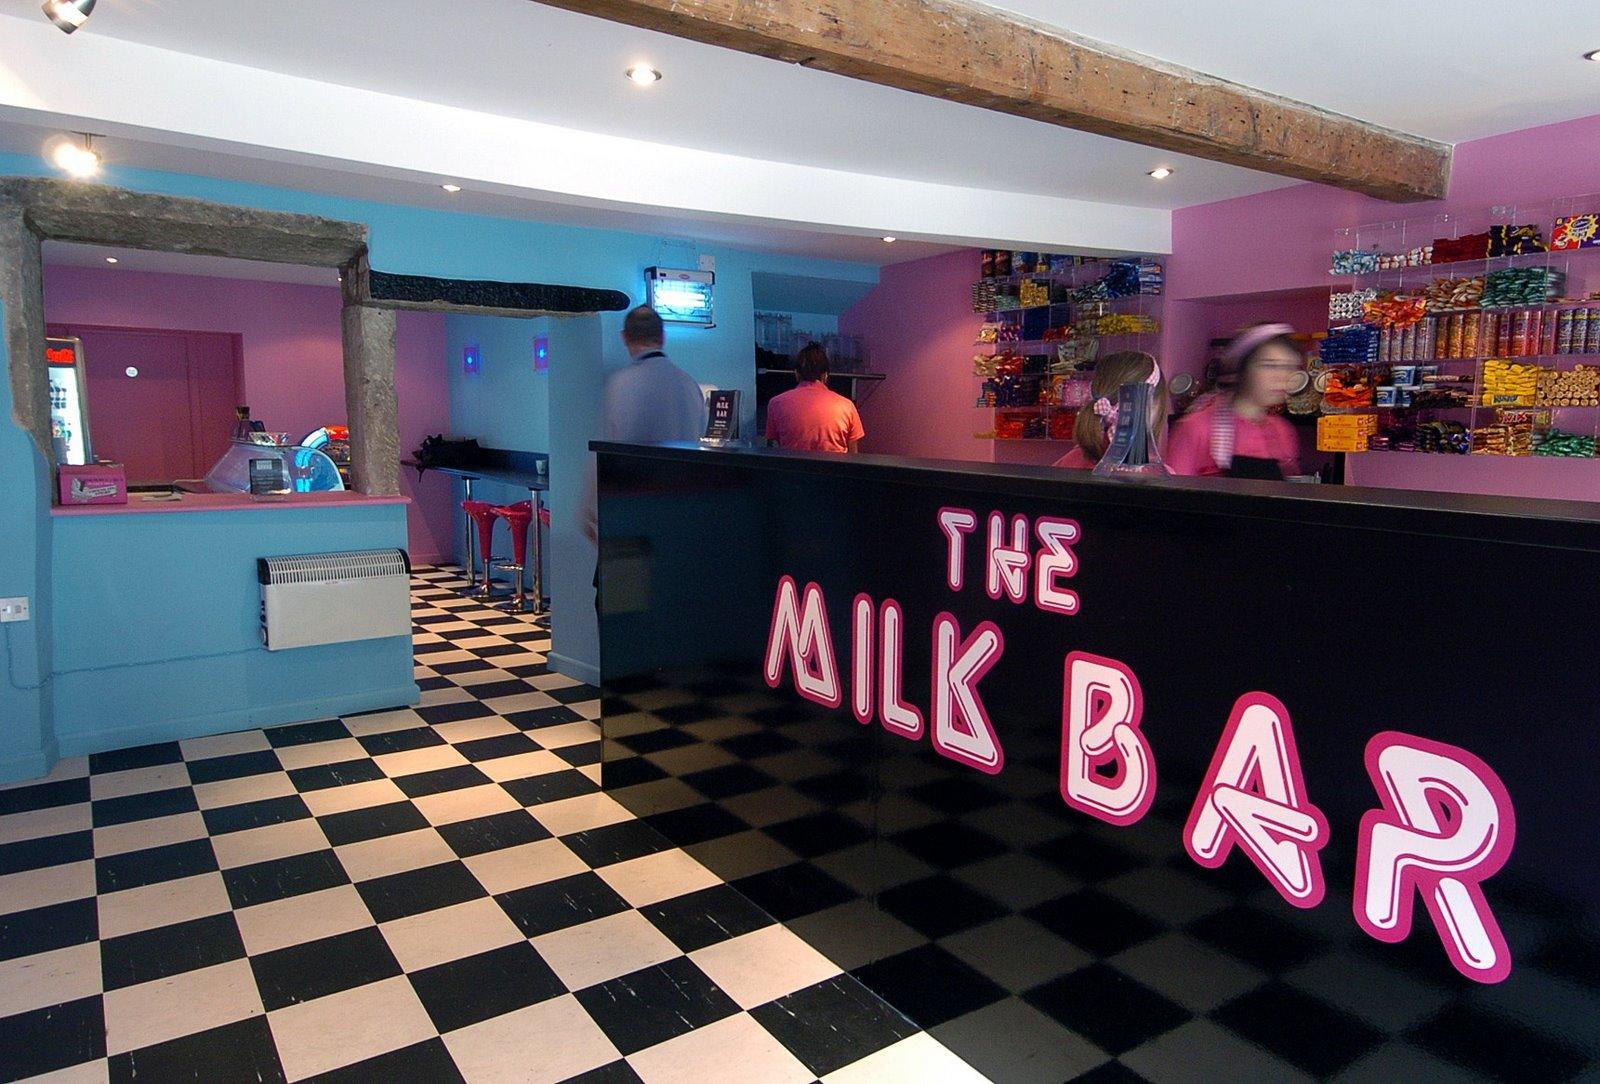 Milk Bar Is Multiplying in D.C. - Eater DC